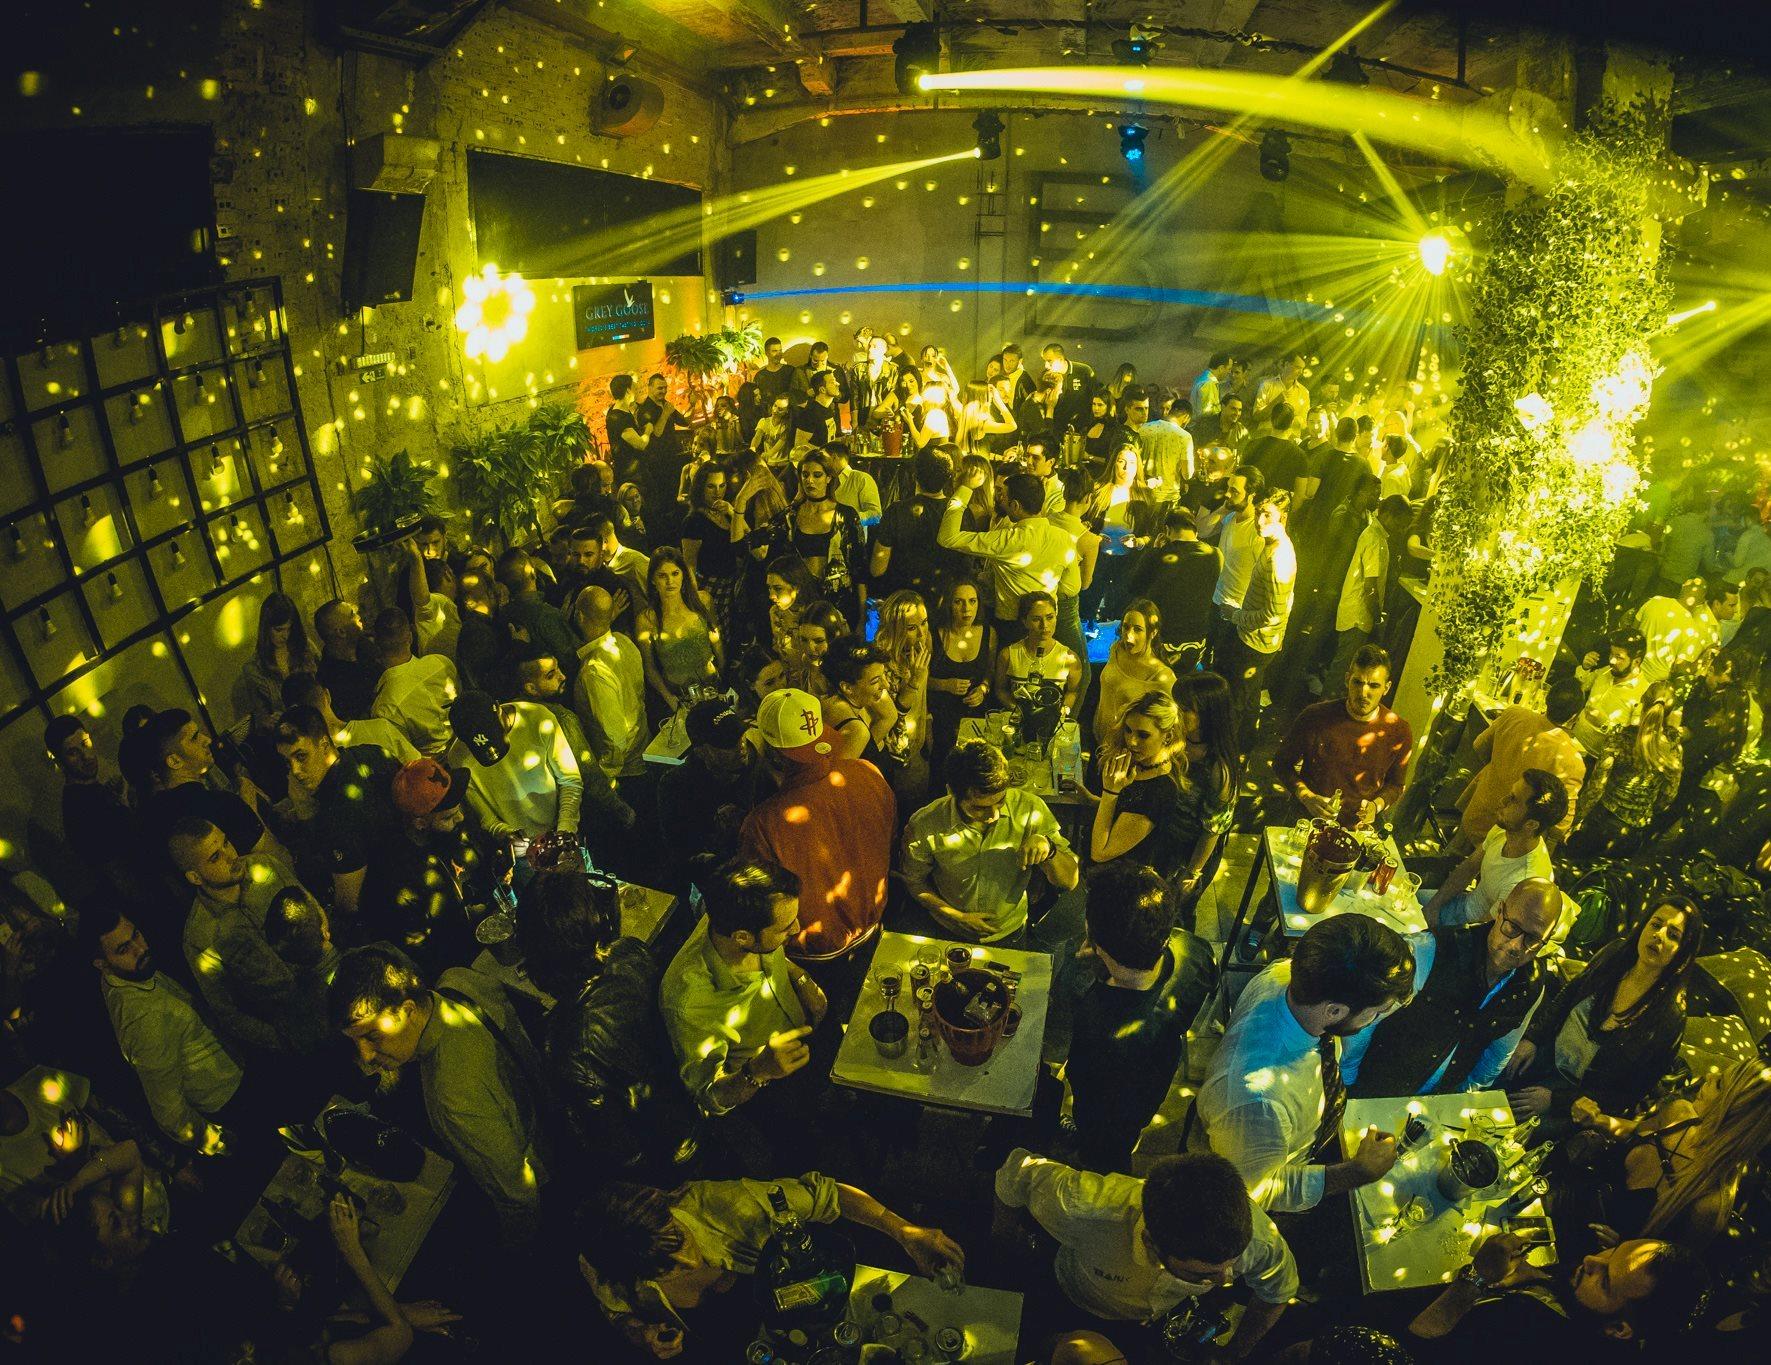 Season closing weekend for the Bank - Belgrade at night